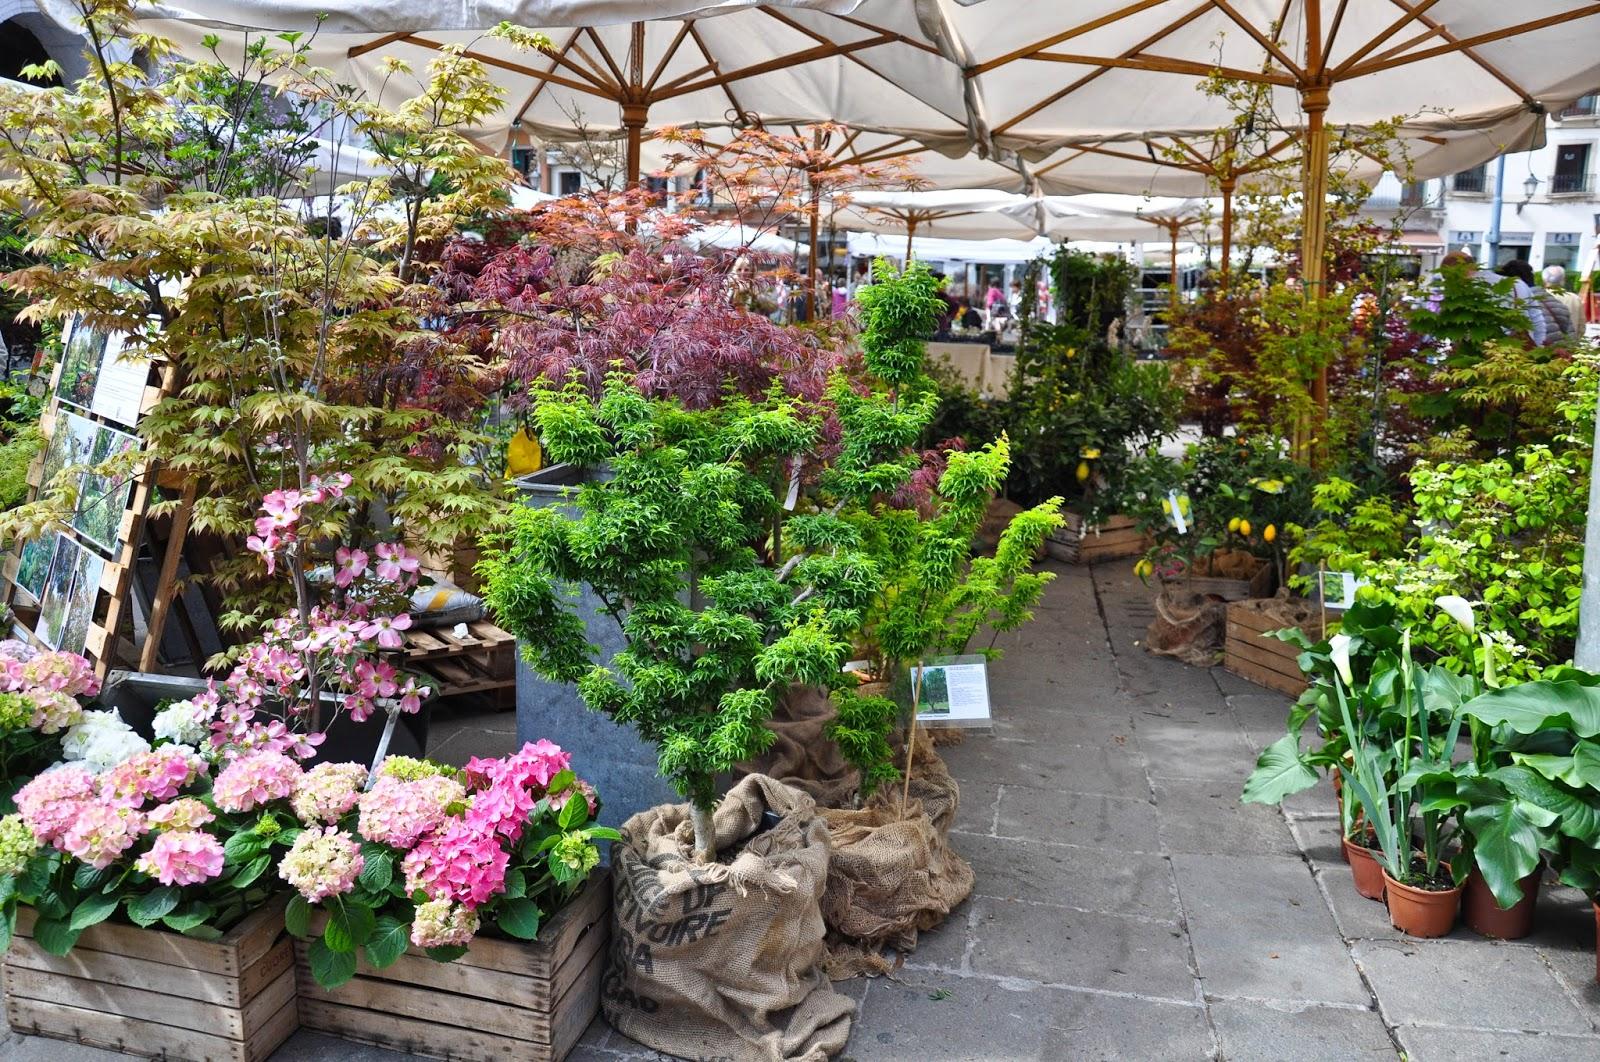 A mini garden centre, 7th Edition of 'Fiori, colori, e...' - Floriculture market show, Vicenza, Italy